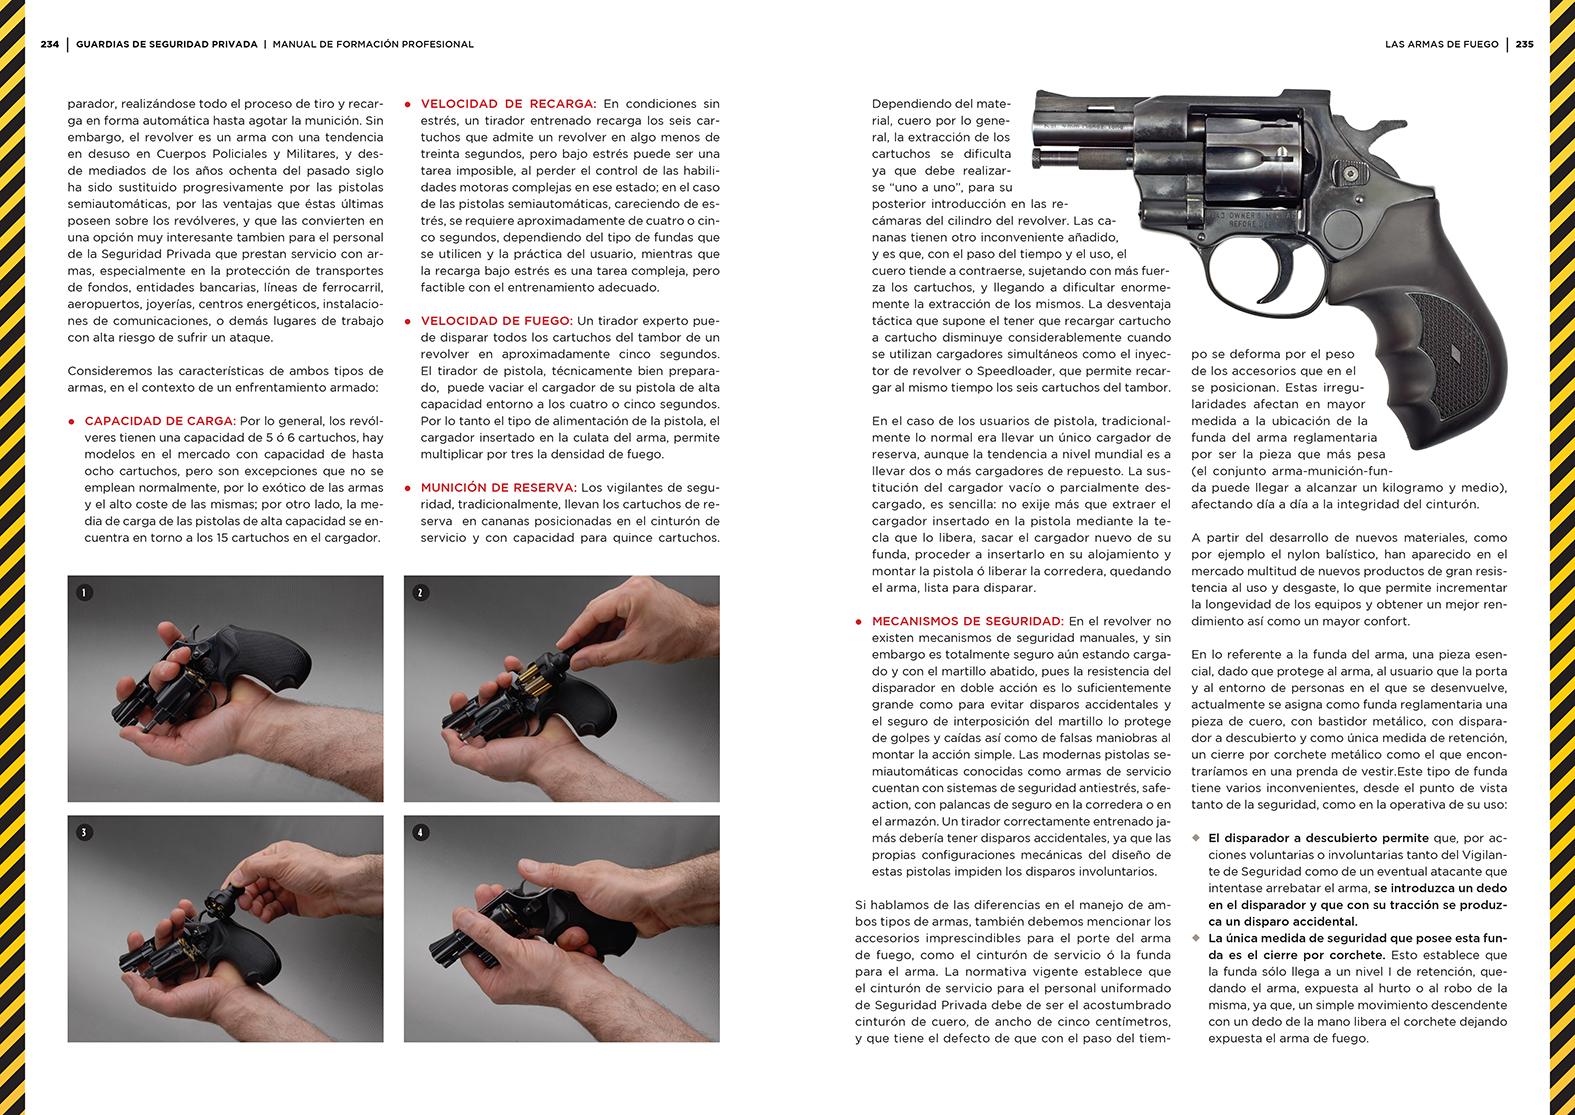 Guardias_SEGURIDAD_1.jpg